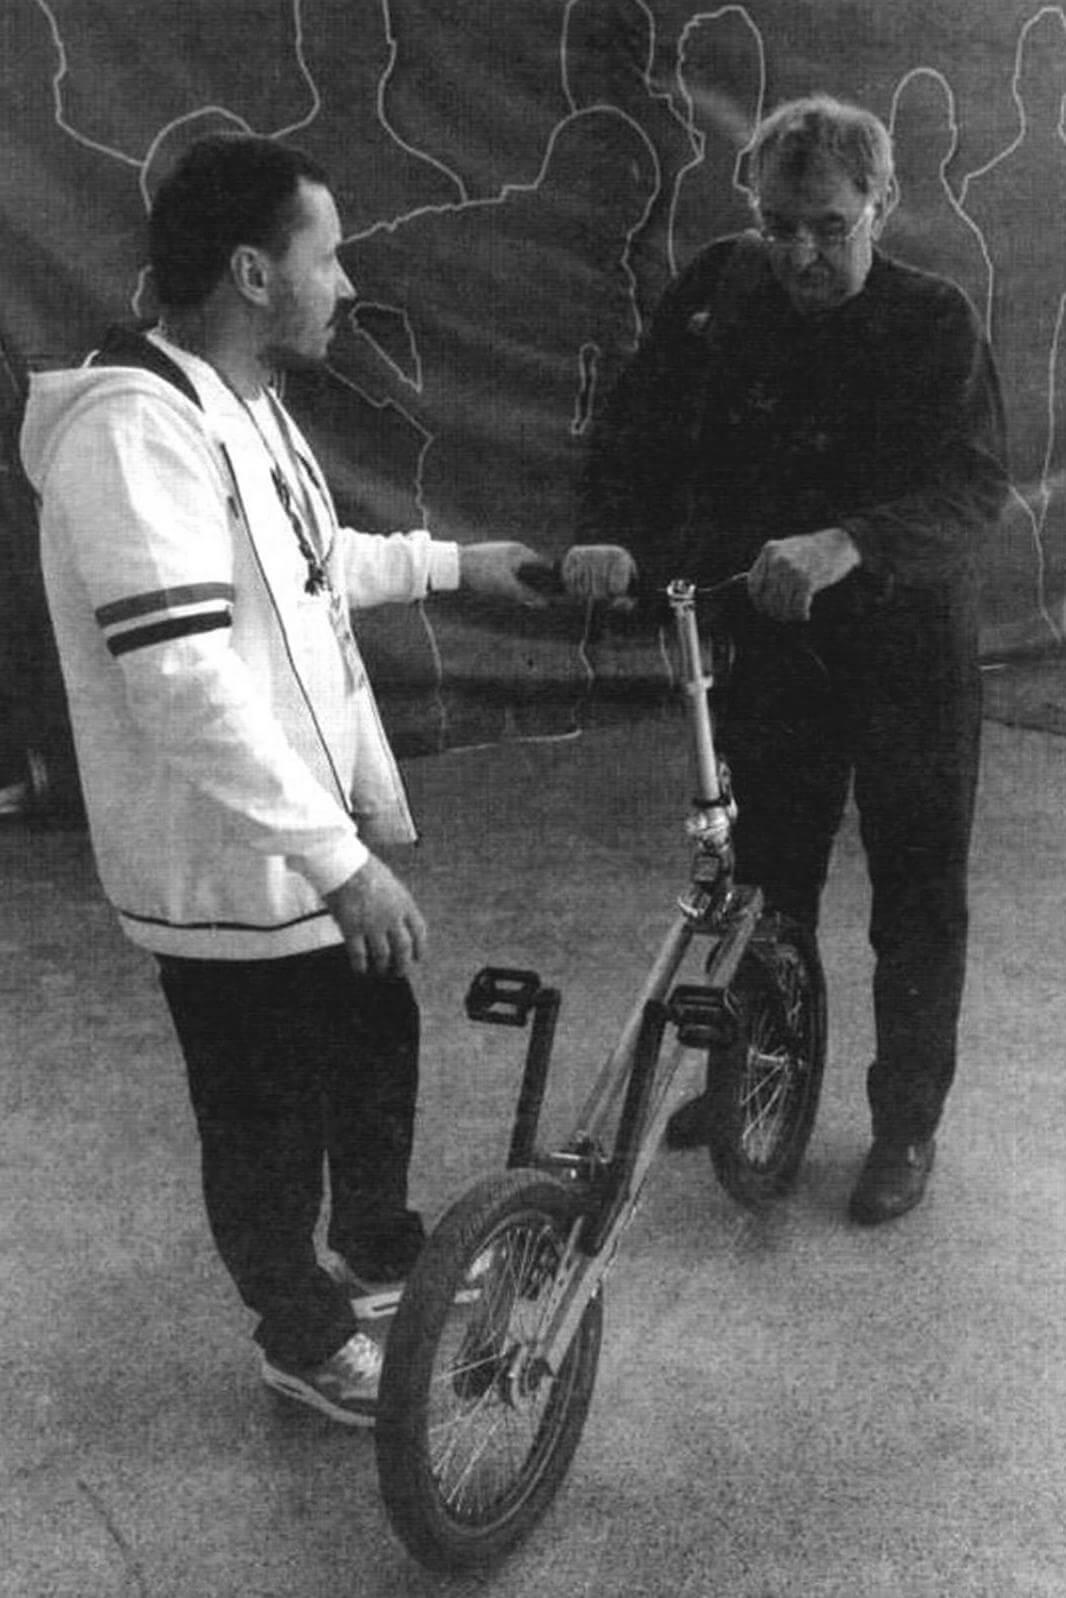 Сергей Федотов (на фото слева) объясняет очередному заинтересованному посетителю выставки, как работает трансмиссия его необычного транспортного средства UniCab Bike. Чтобы привести его в движение, нужно не крутить педали, а нажимать на них, имитируя подъем по лестнице